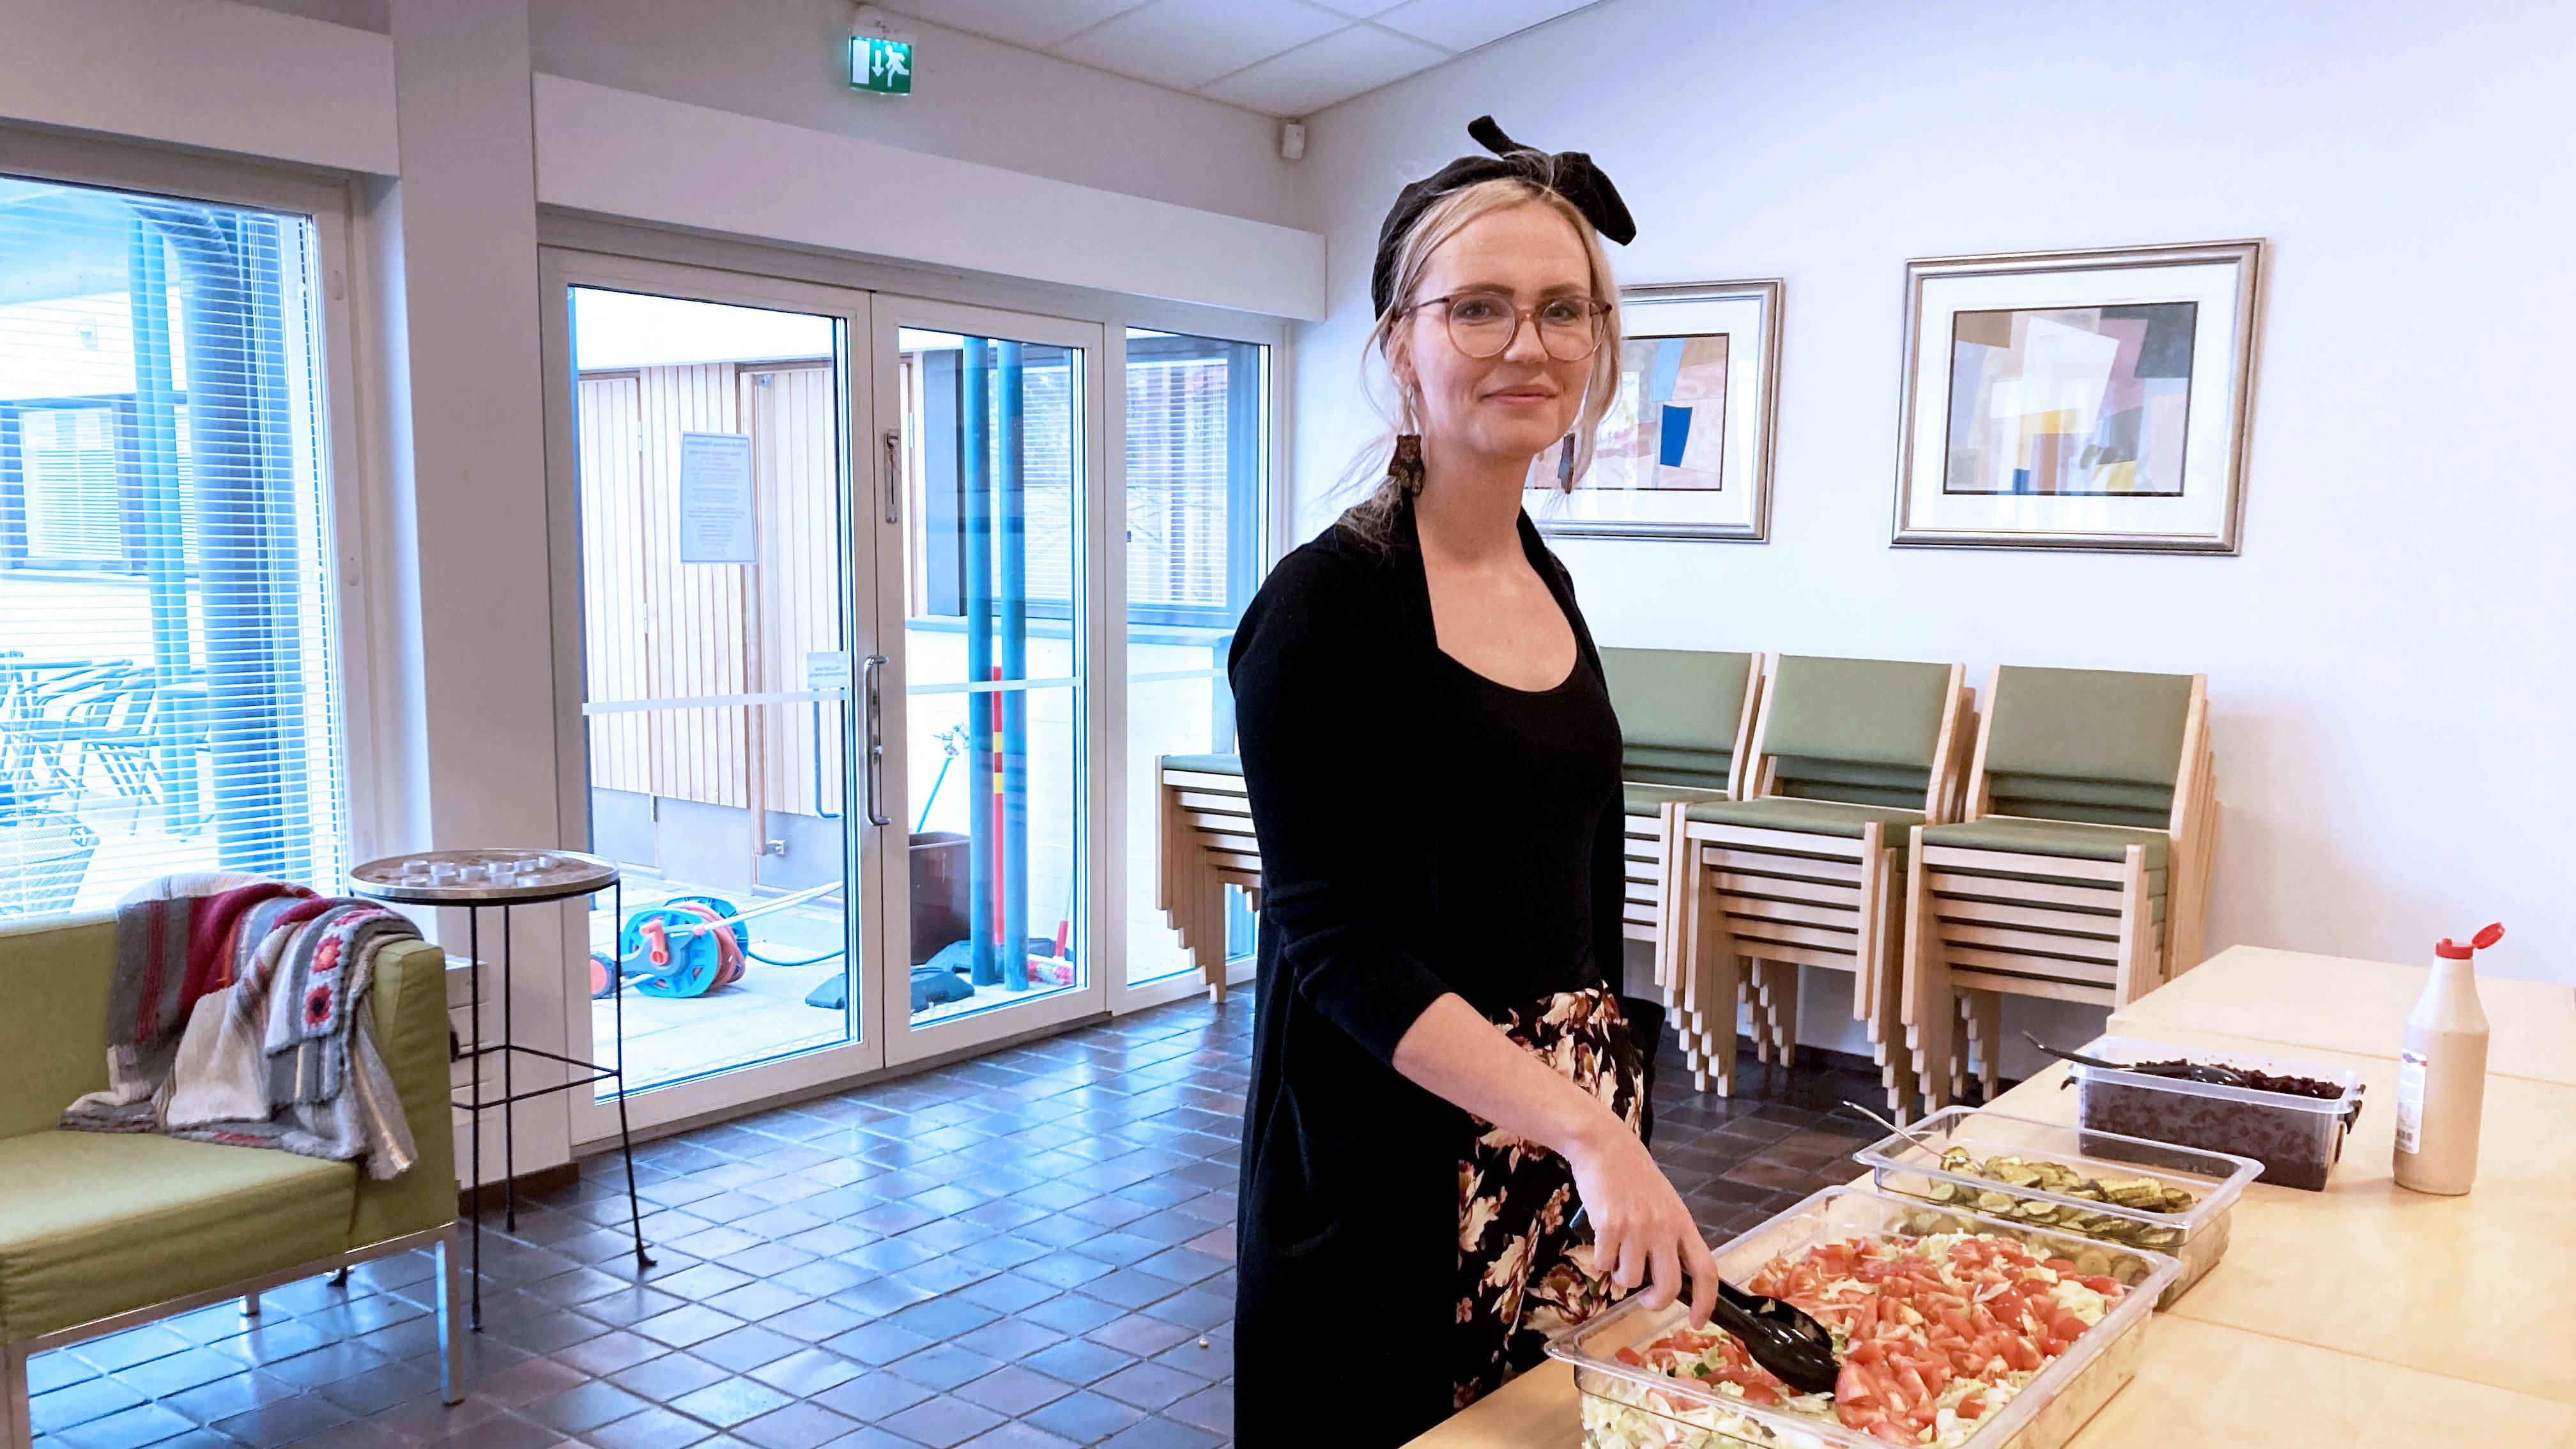 Diakoni Suvi Kervinen Kotka-Kymin seurakunnasta katsoo kameraan samalla, kun sekoittaa salaattia Karhulan seurakuntakeskuksella pöydän ääressä.